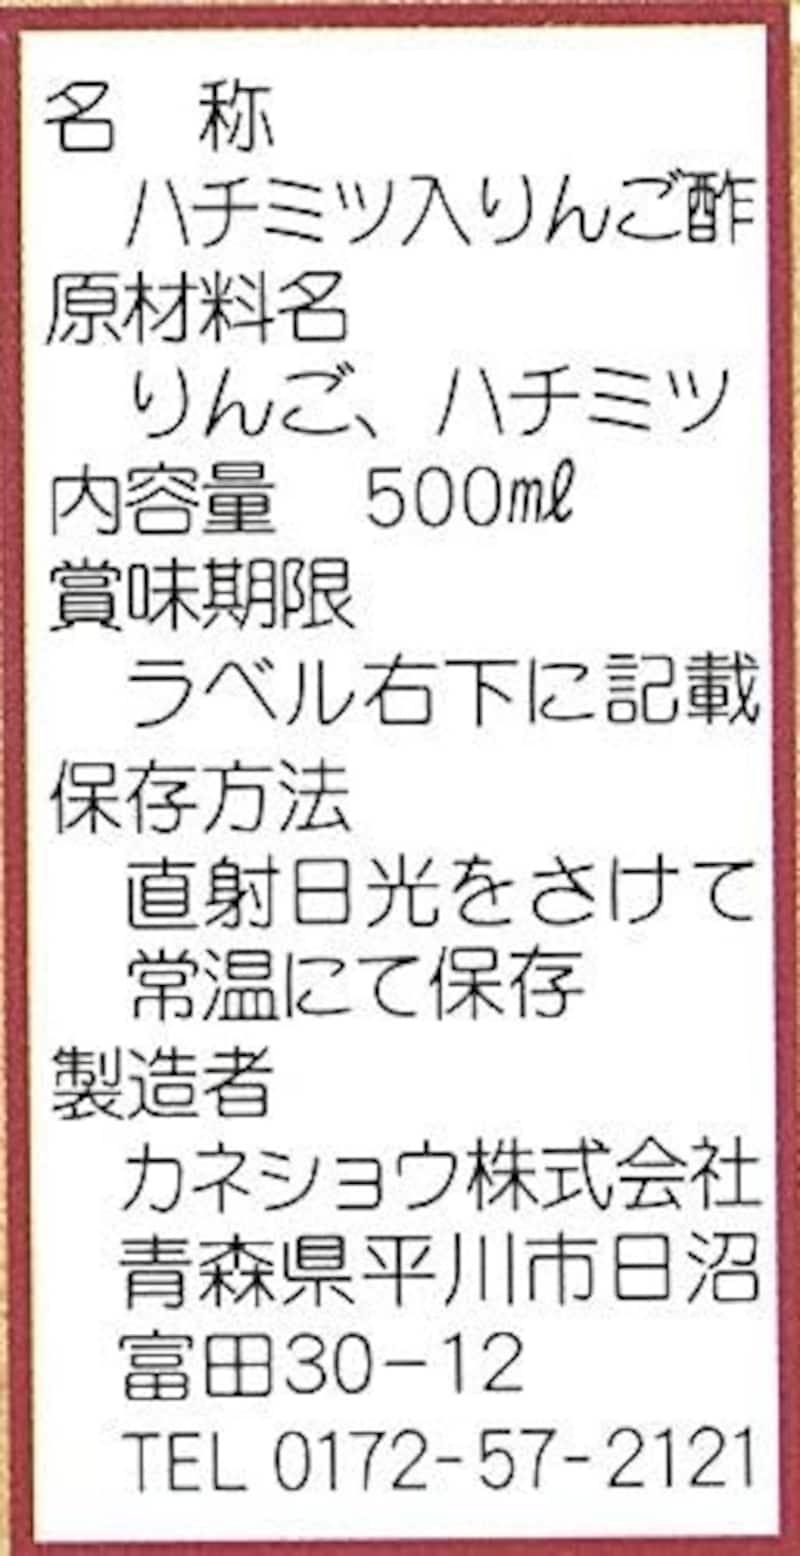 カネショウ株式会社,ハチミツ入り りんご酢